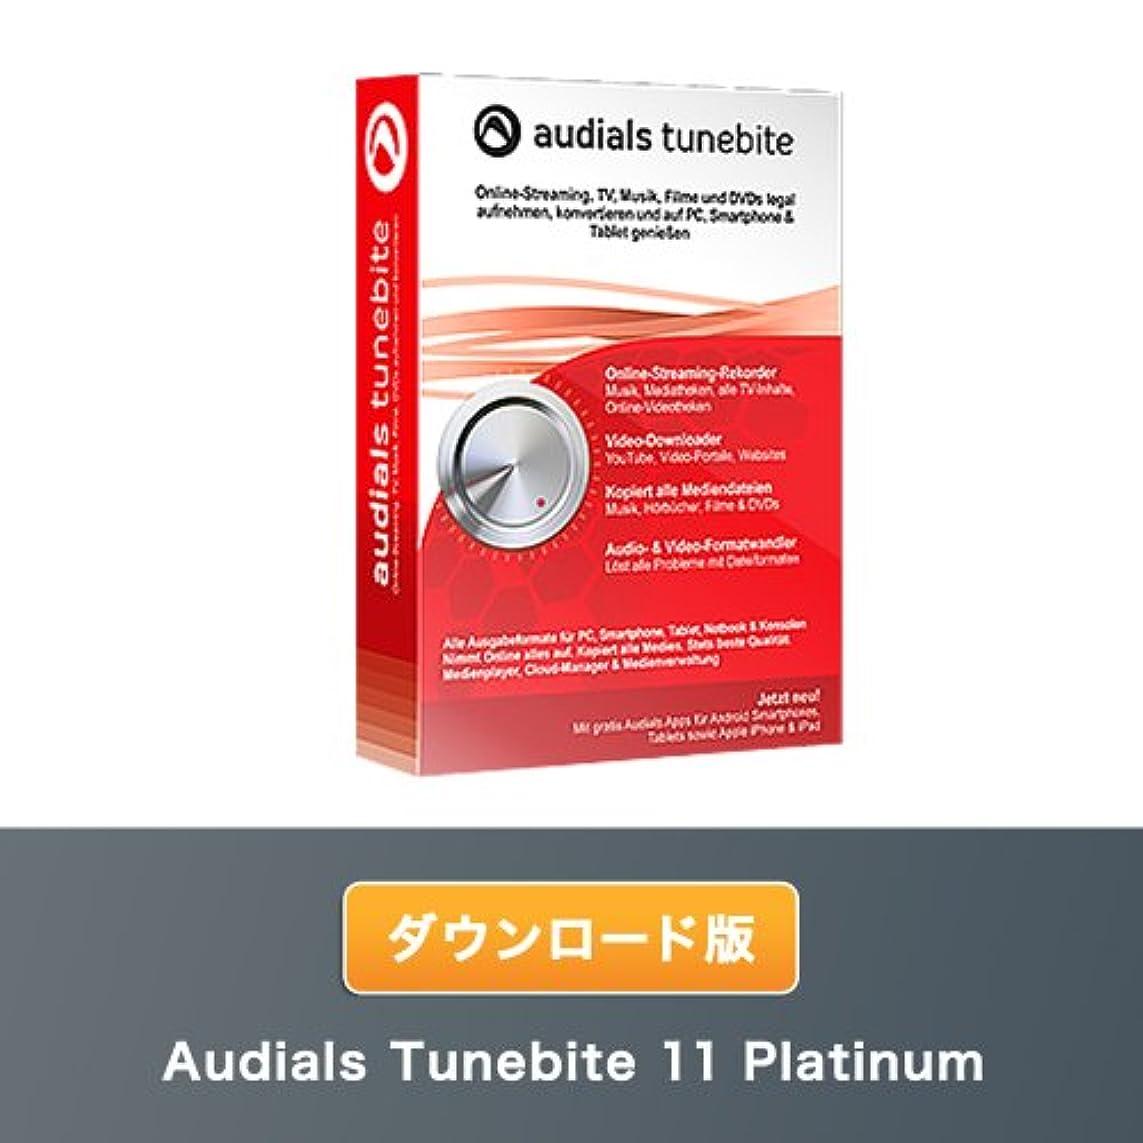 フェードアウト言い直すトランク【特別価格】Tunebite 11 Platinum (ダウンロード版) [ダウンロード]